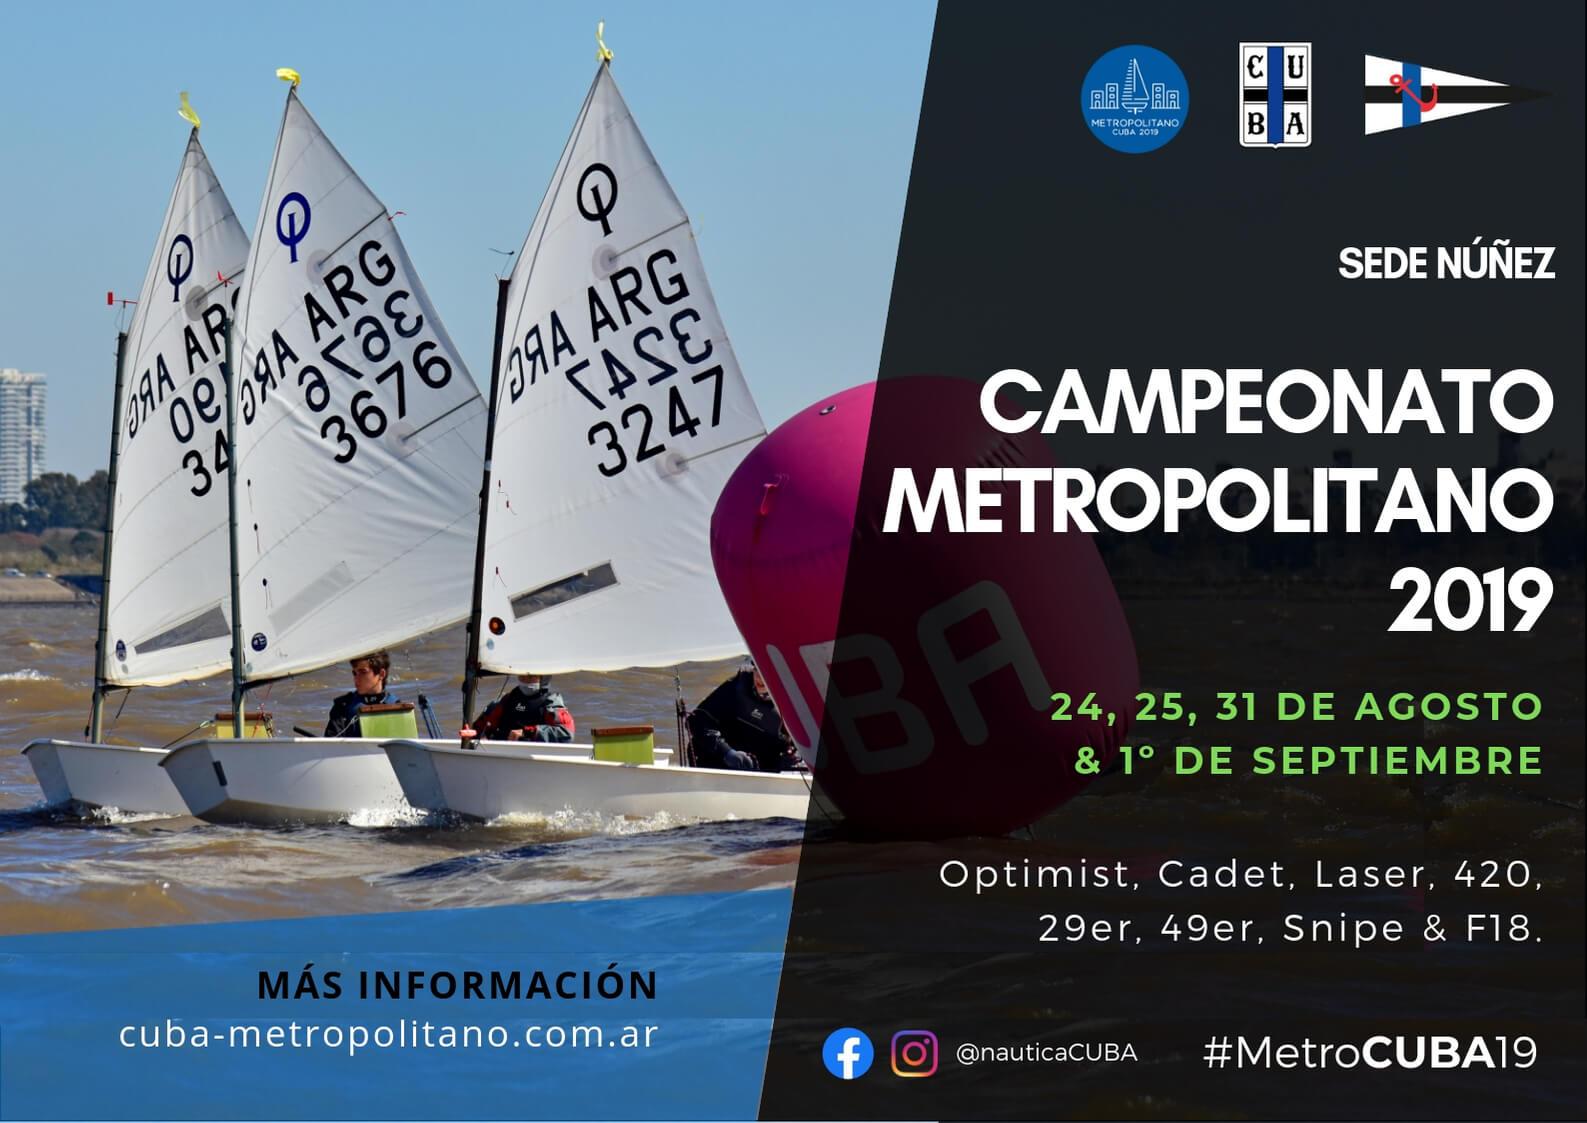 Campeonato Metropolitano 2019 - Afiche